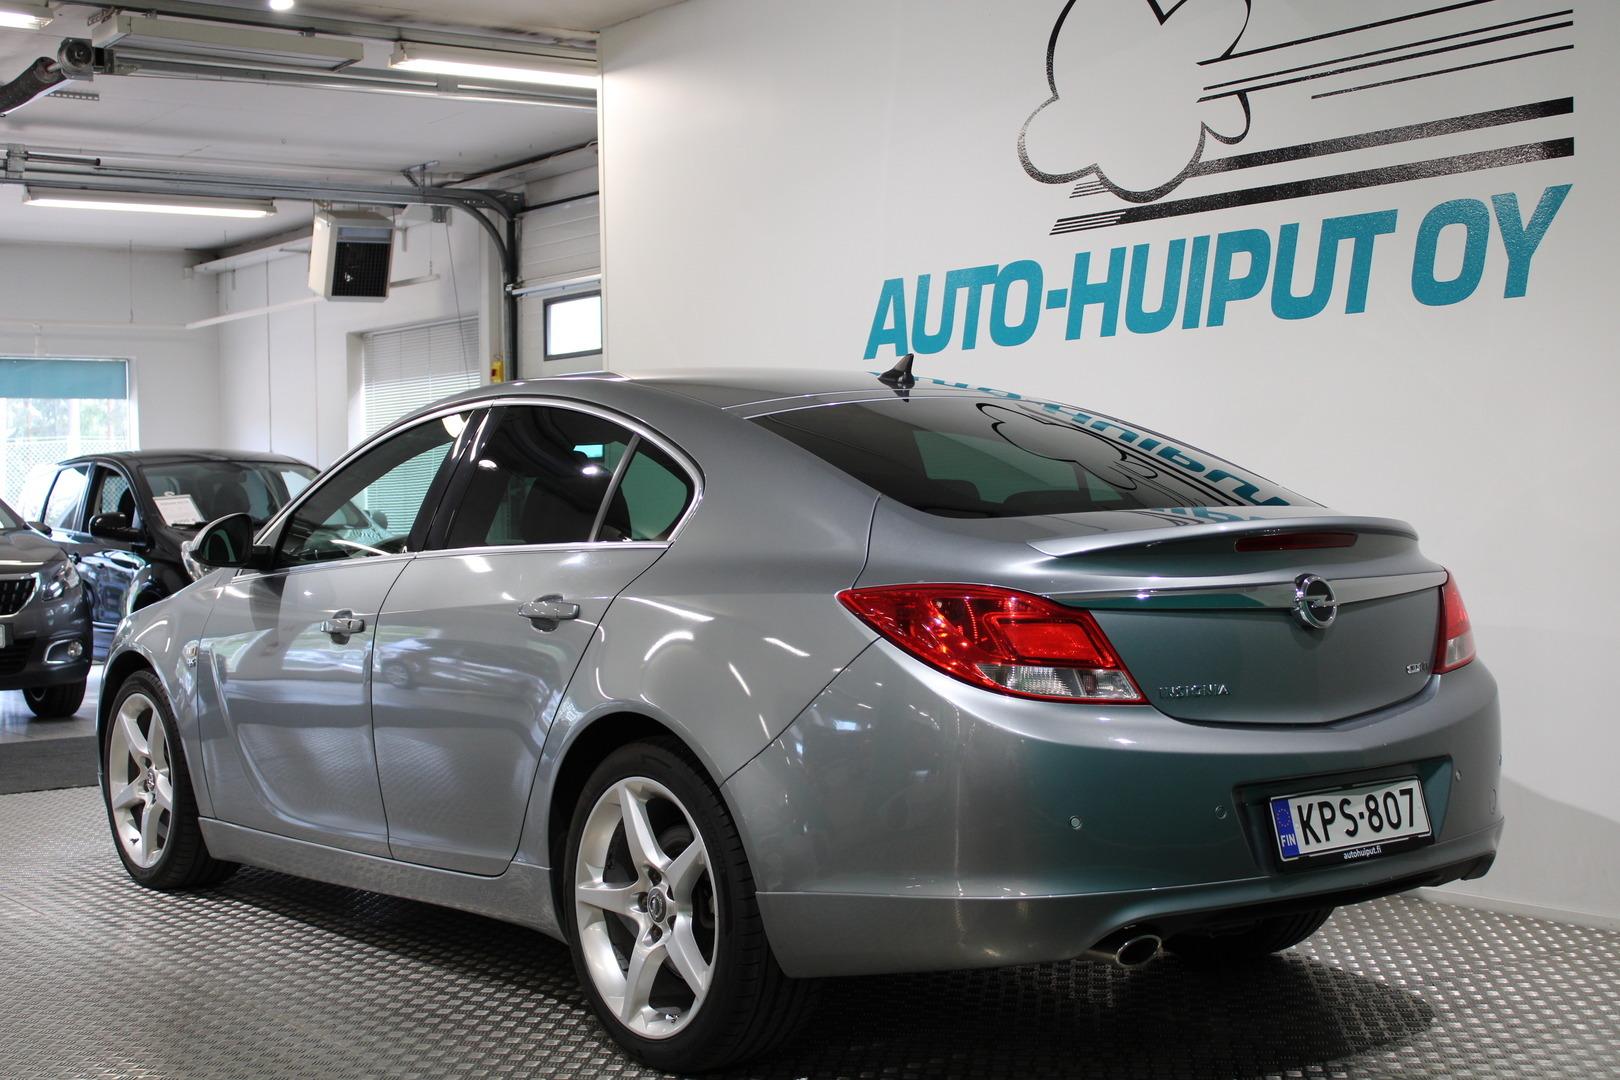 Opel Insignia, Sport 2,0 CDTI Ecotec 118kW **OPC-Line** #Huippusiisti #Hyvin varusteltu #Suomi-auto #Juuri huollettu